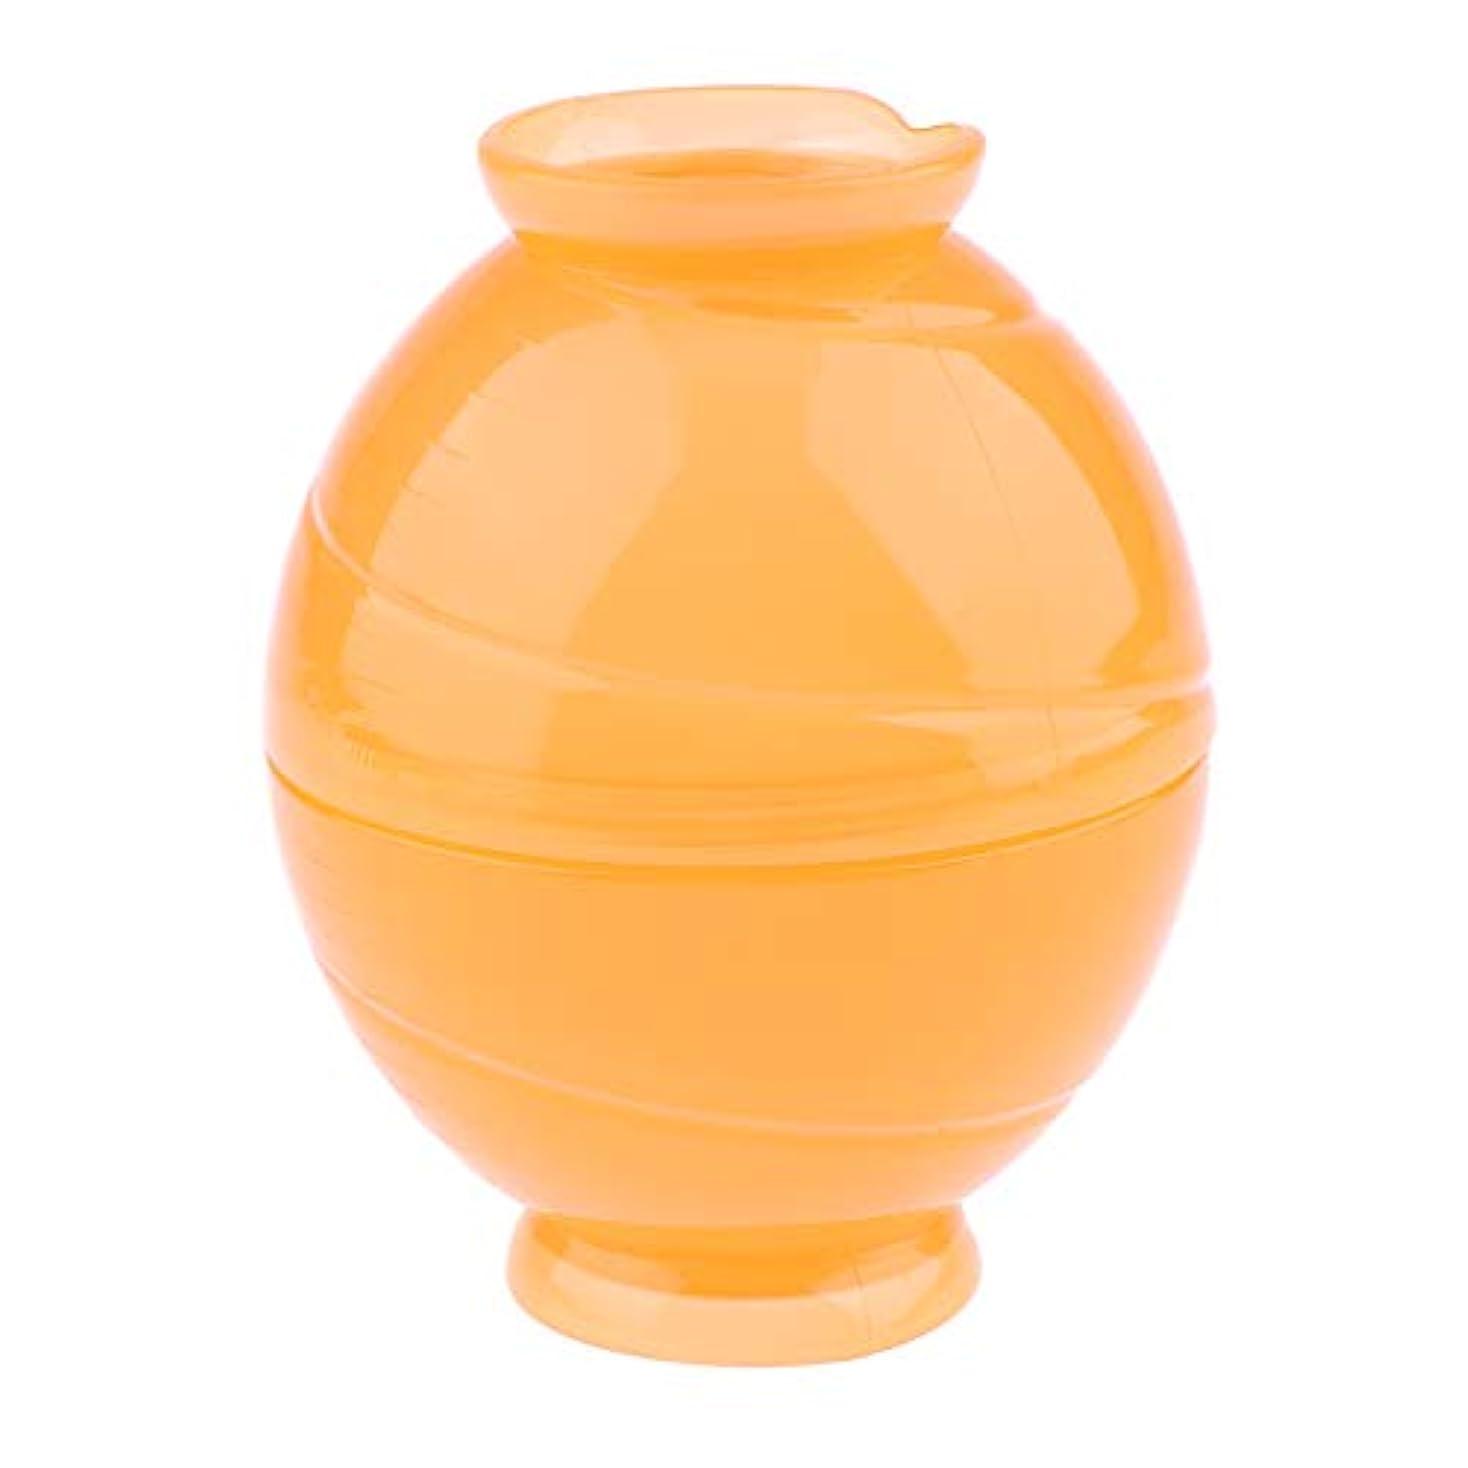 バトル再現するバース全3色 サロンボウル ヘアカラー用 ミキシングボトル キャンディー形状 - オレンジ